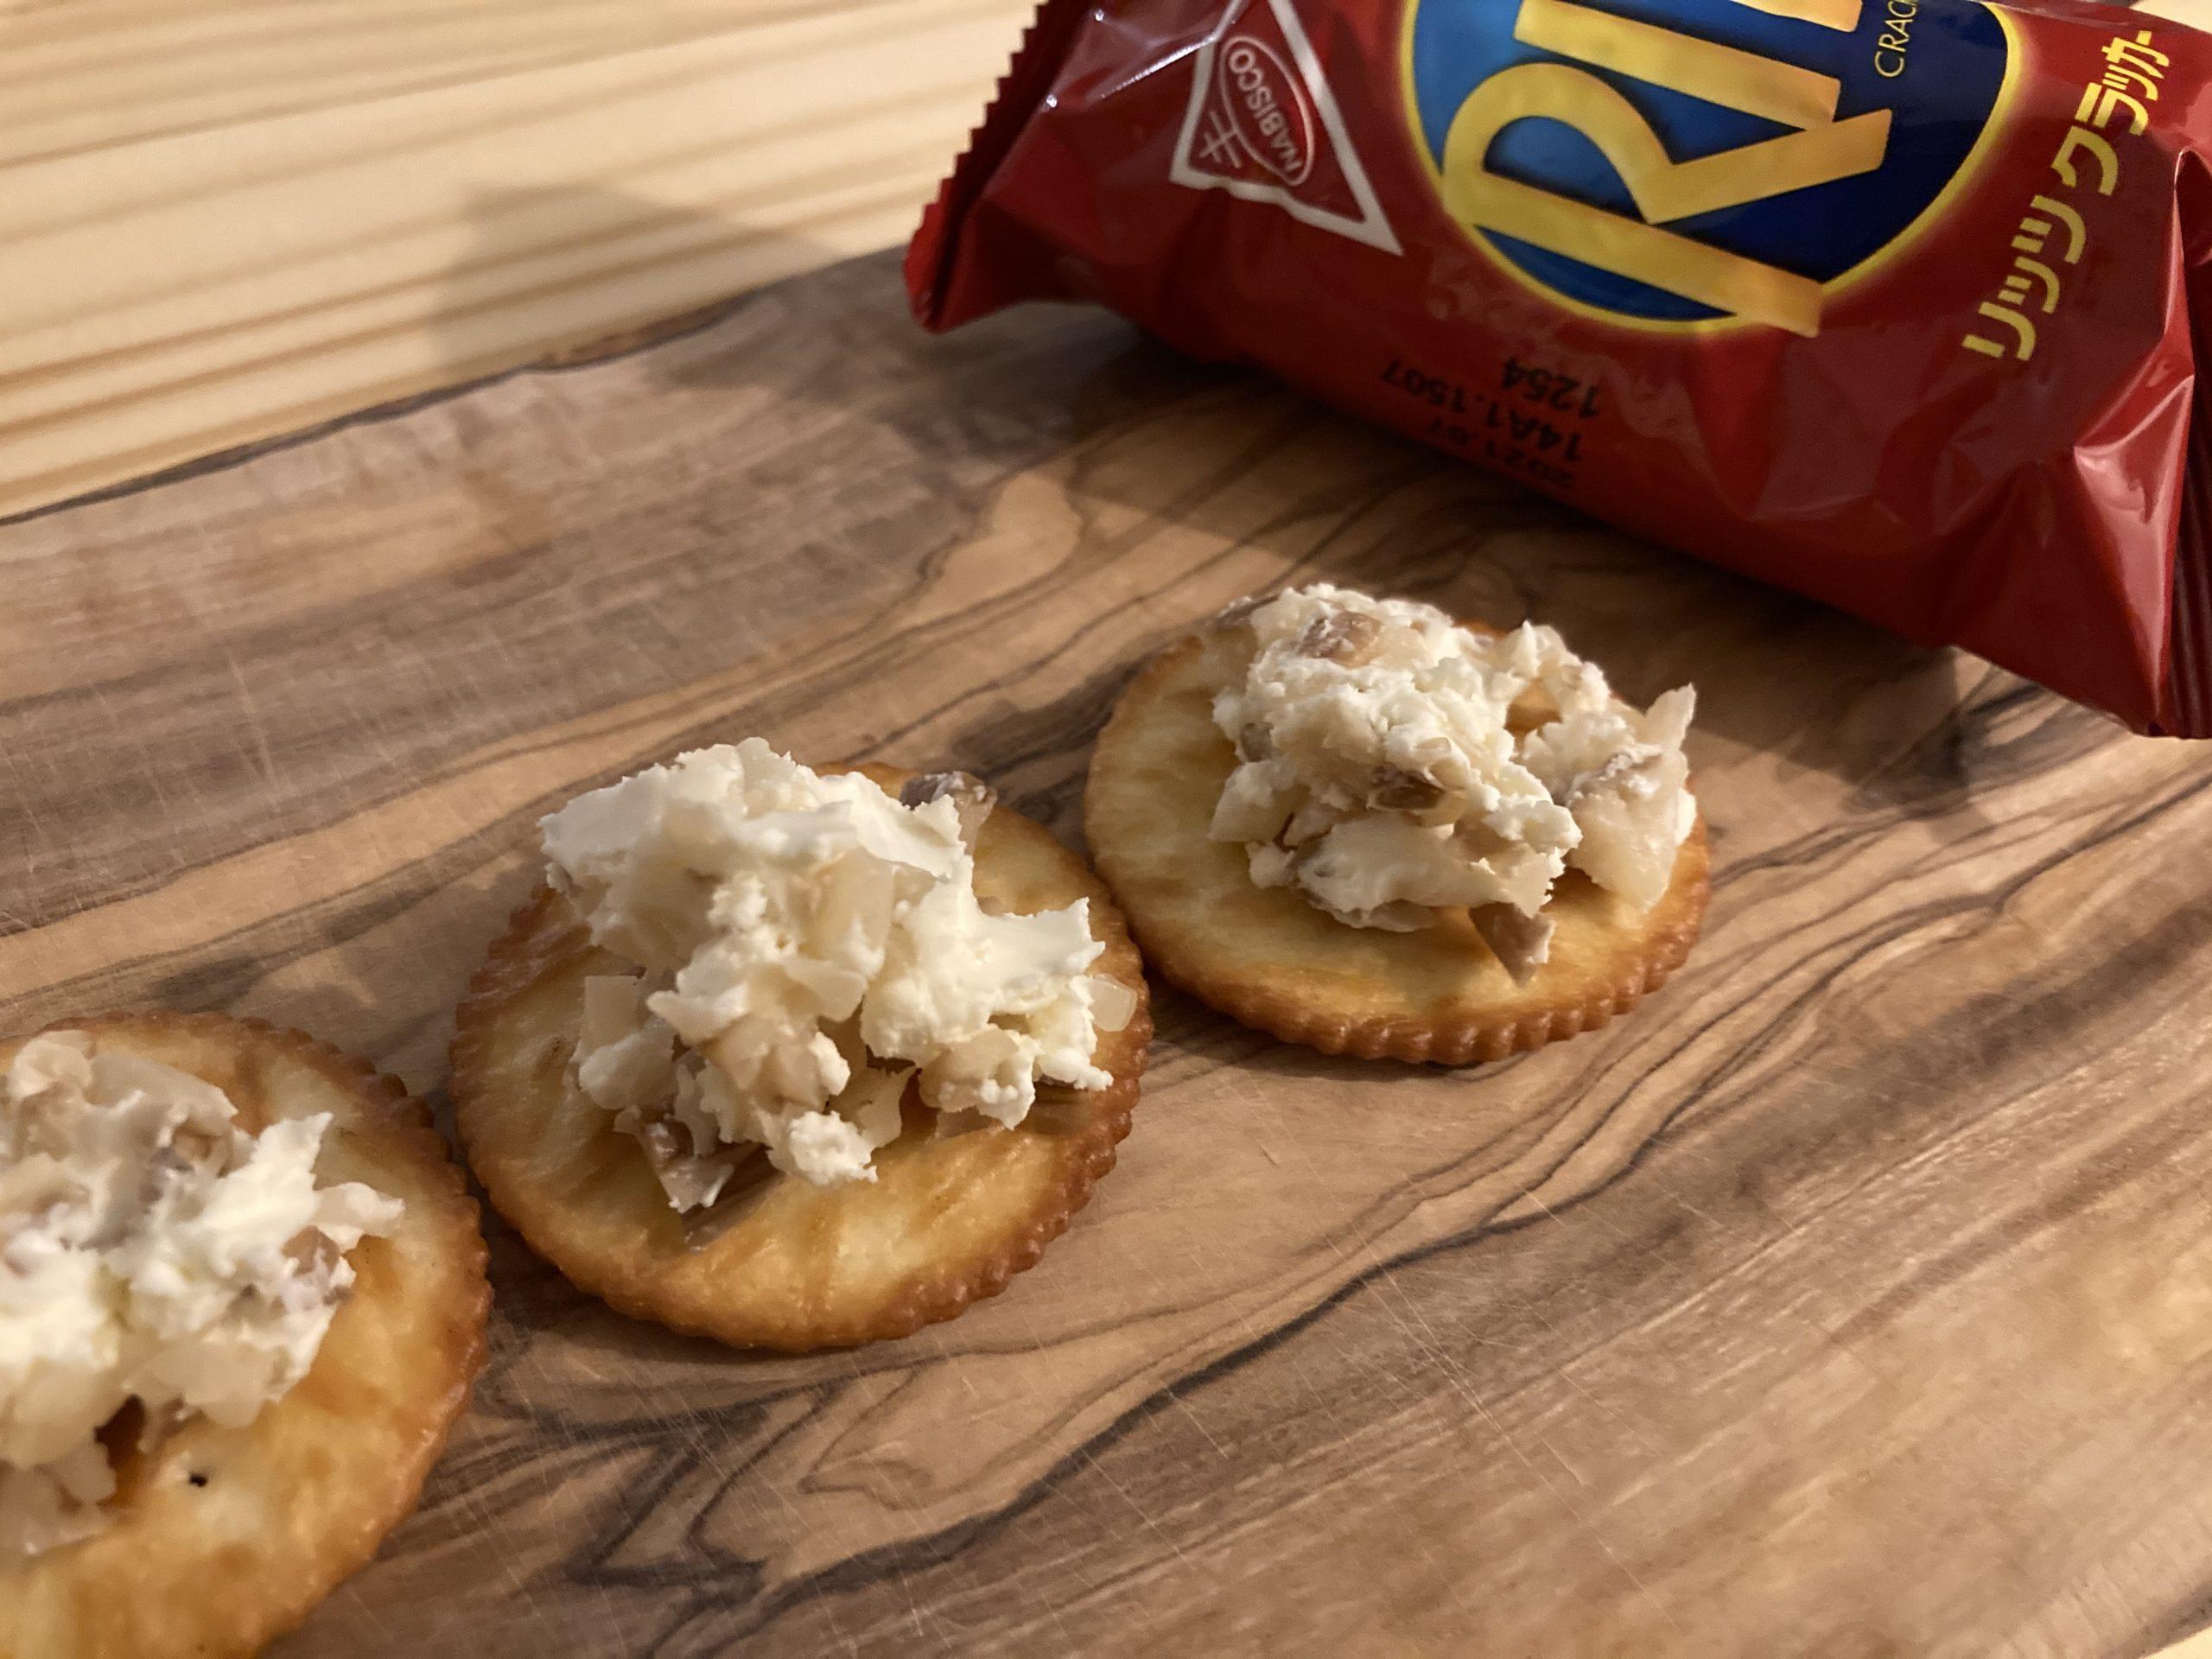 「【超簡単】絶品いぶりがっことクリームチーズディップの作り方・レシピ」のアイキャッチ画像